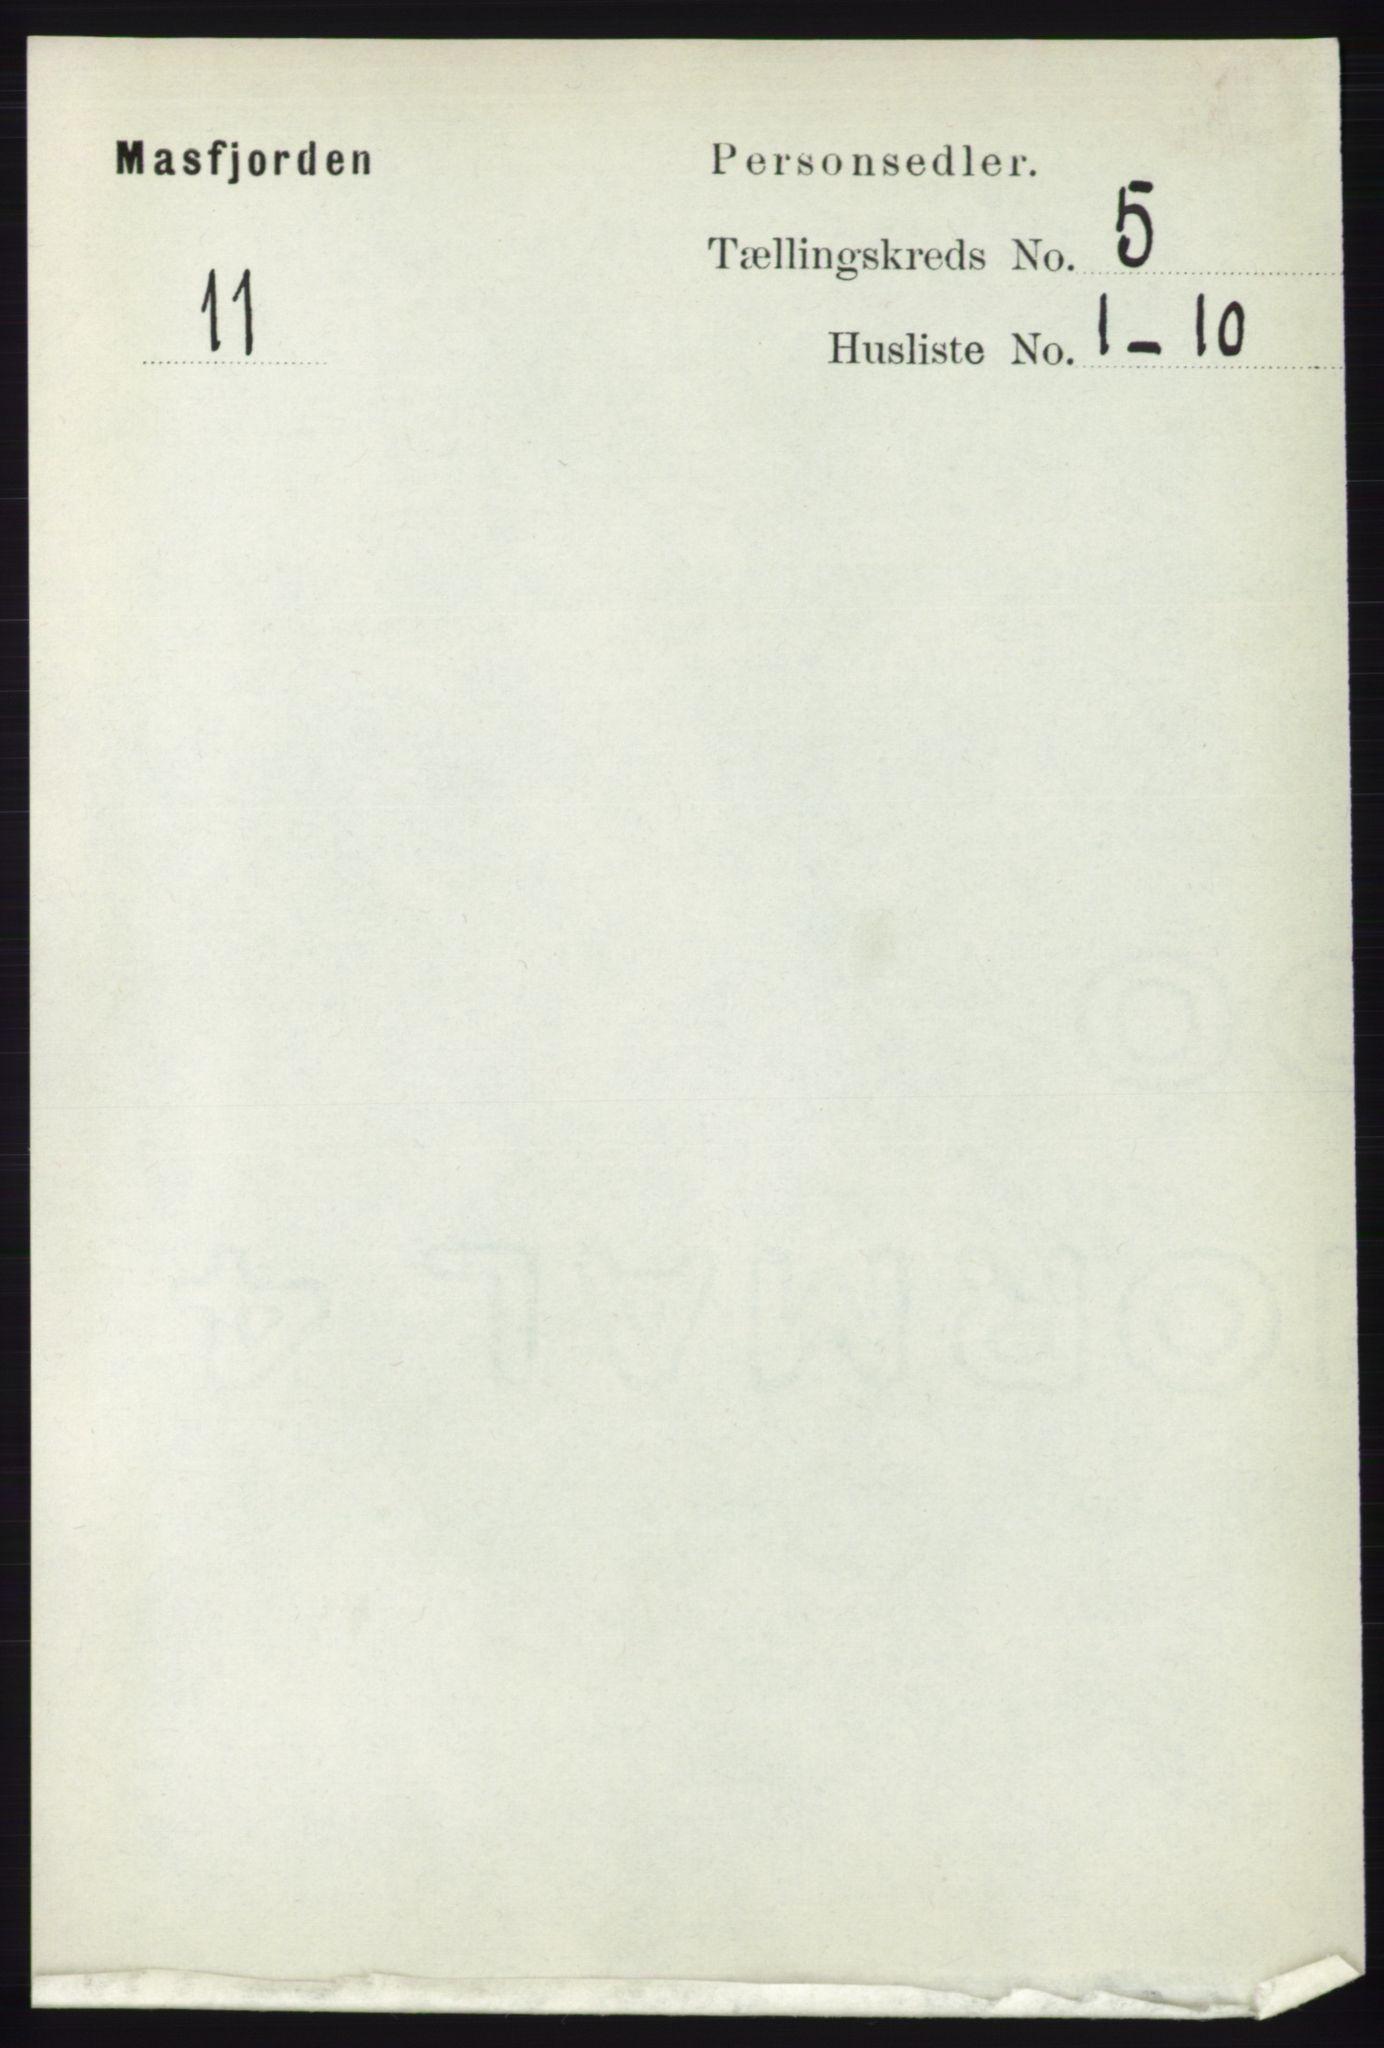 RA, Folketelling 1891 for 1266 Masfjorden herred, 1891, s. 853